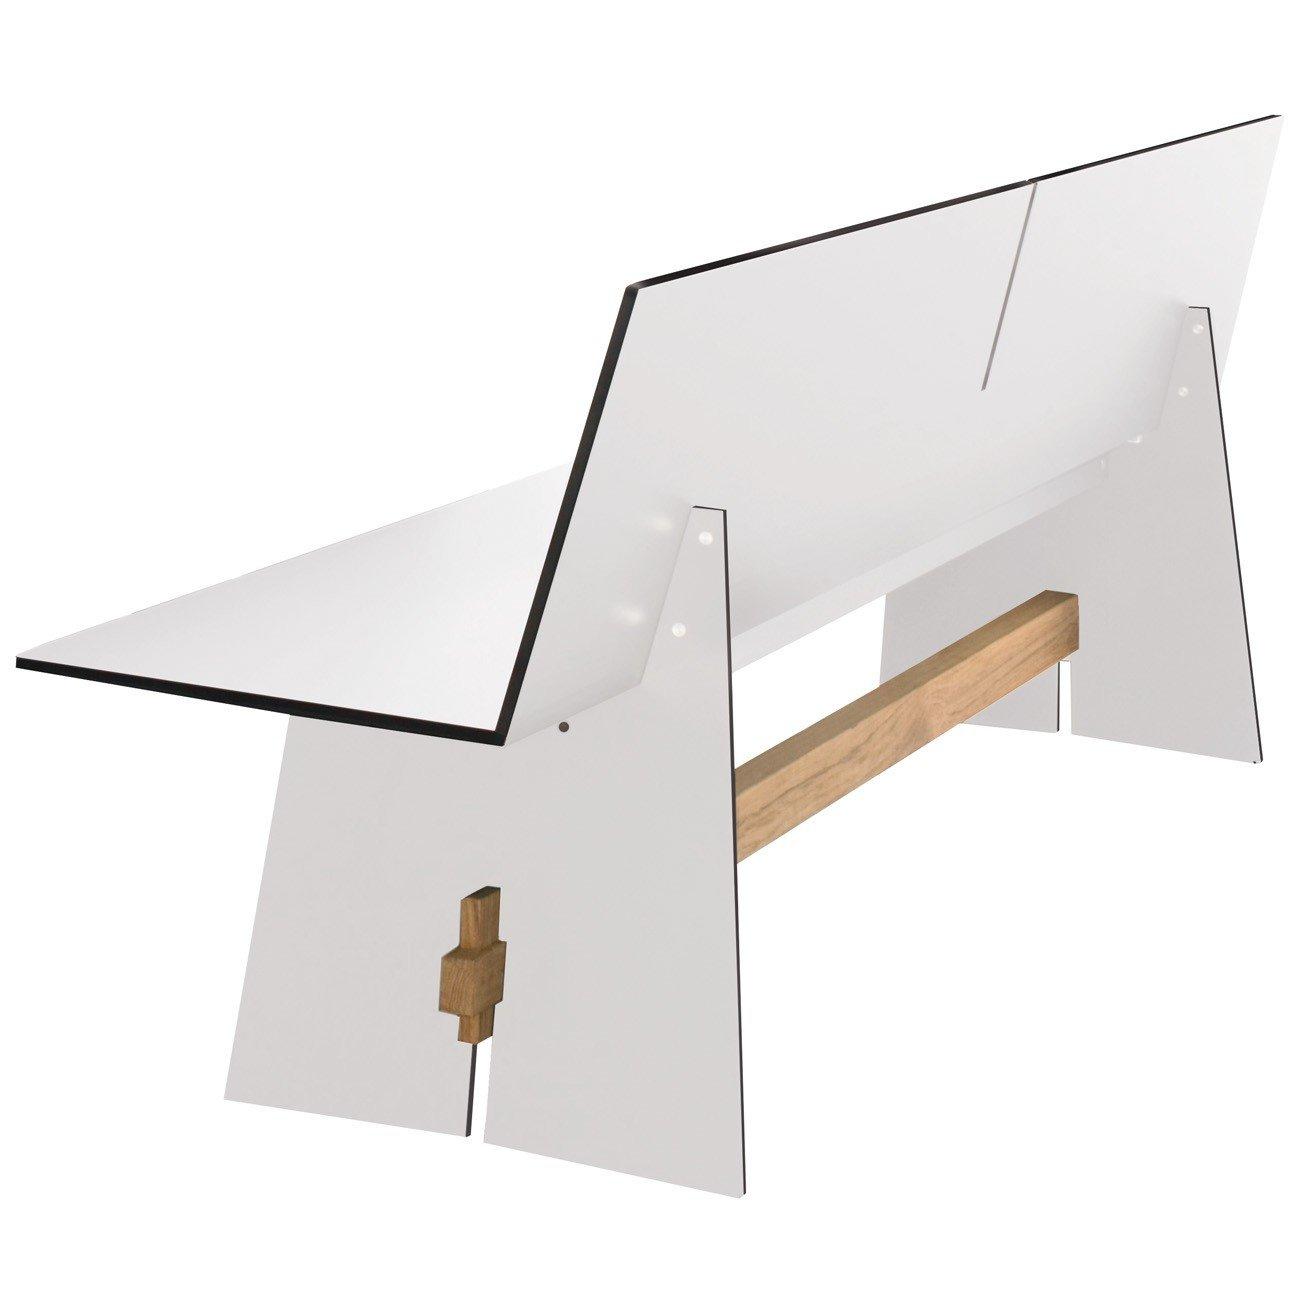 Conmoto Tension - Bank mit Rückenlehne 76 x 220 x 57 cm HPL weiss - Traverse aus Teak - ohne Auflage - Outdoorbank - Gartenbank